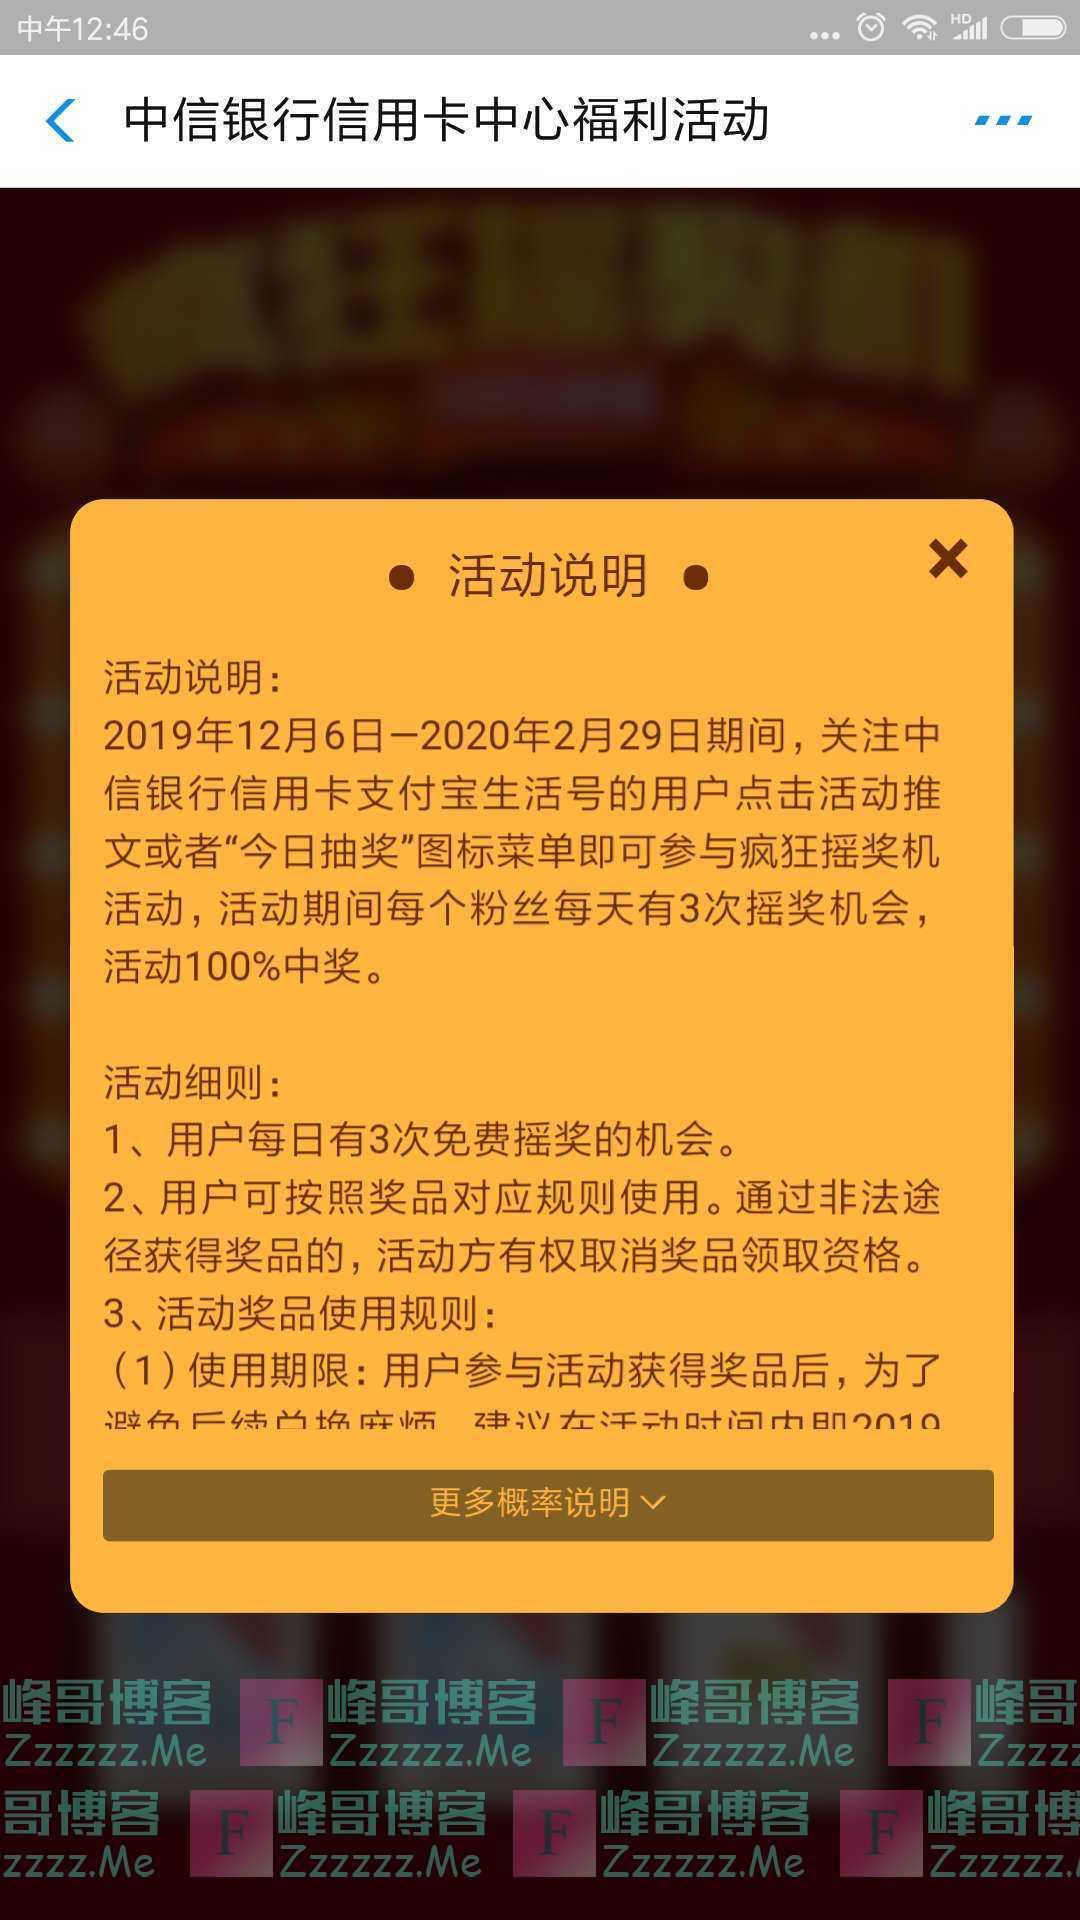 中信银行xing/用卡疯狂摇奖机(截止2月29日)